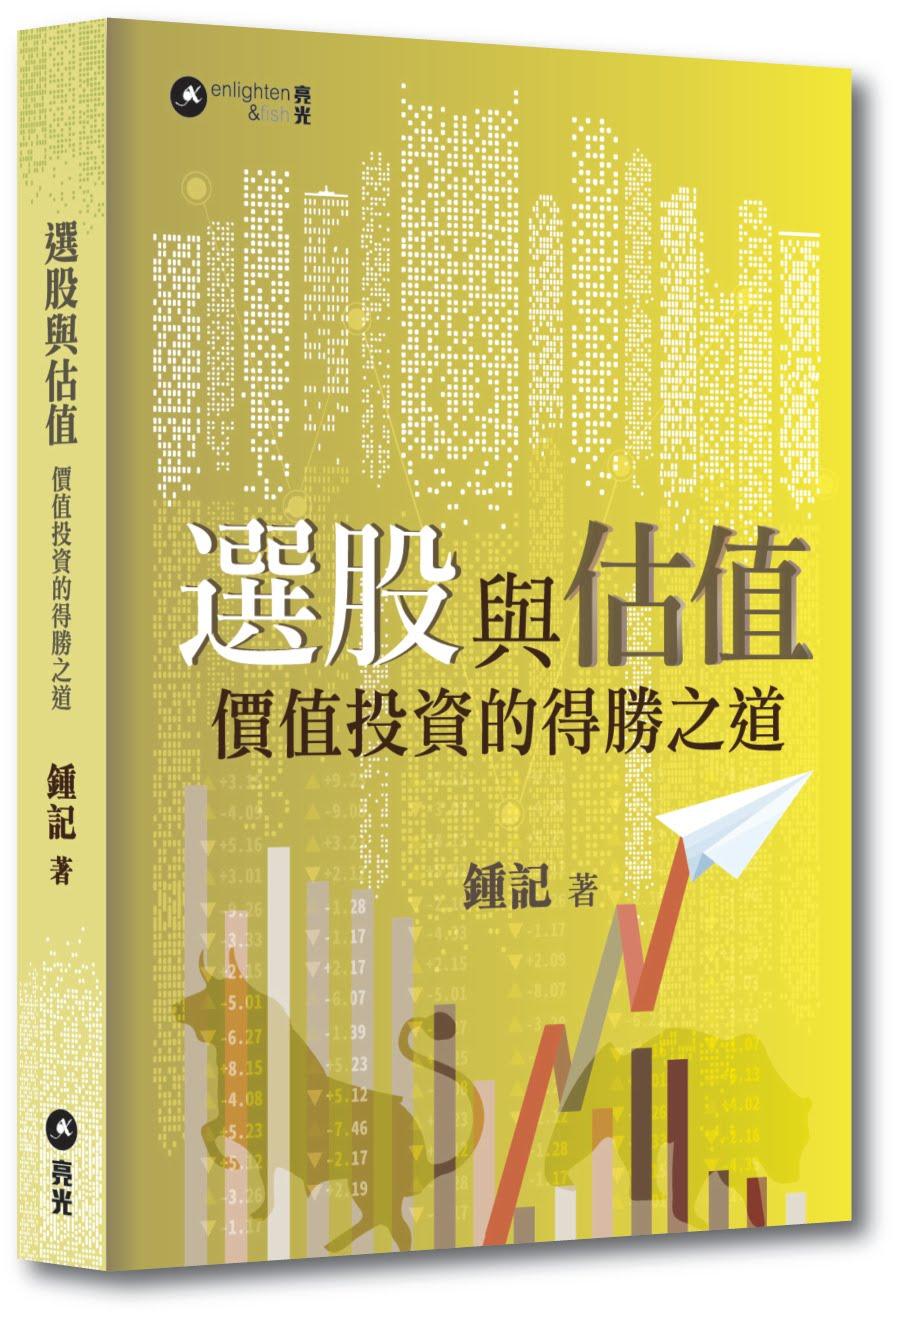 第二本書《選股與估值》入選誠品香港「2017年度TOP 100 暢銷書榜」、商務印書館「2017年度暢銷書」,多謝支持!